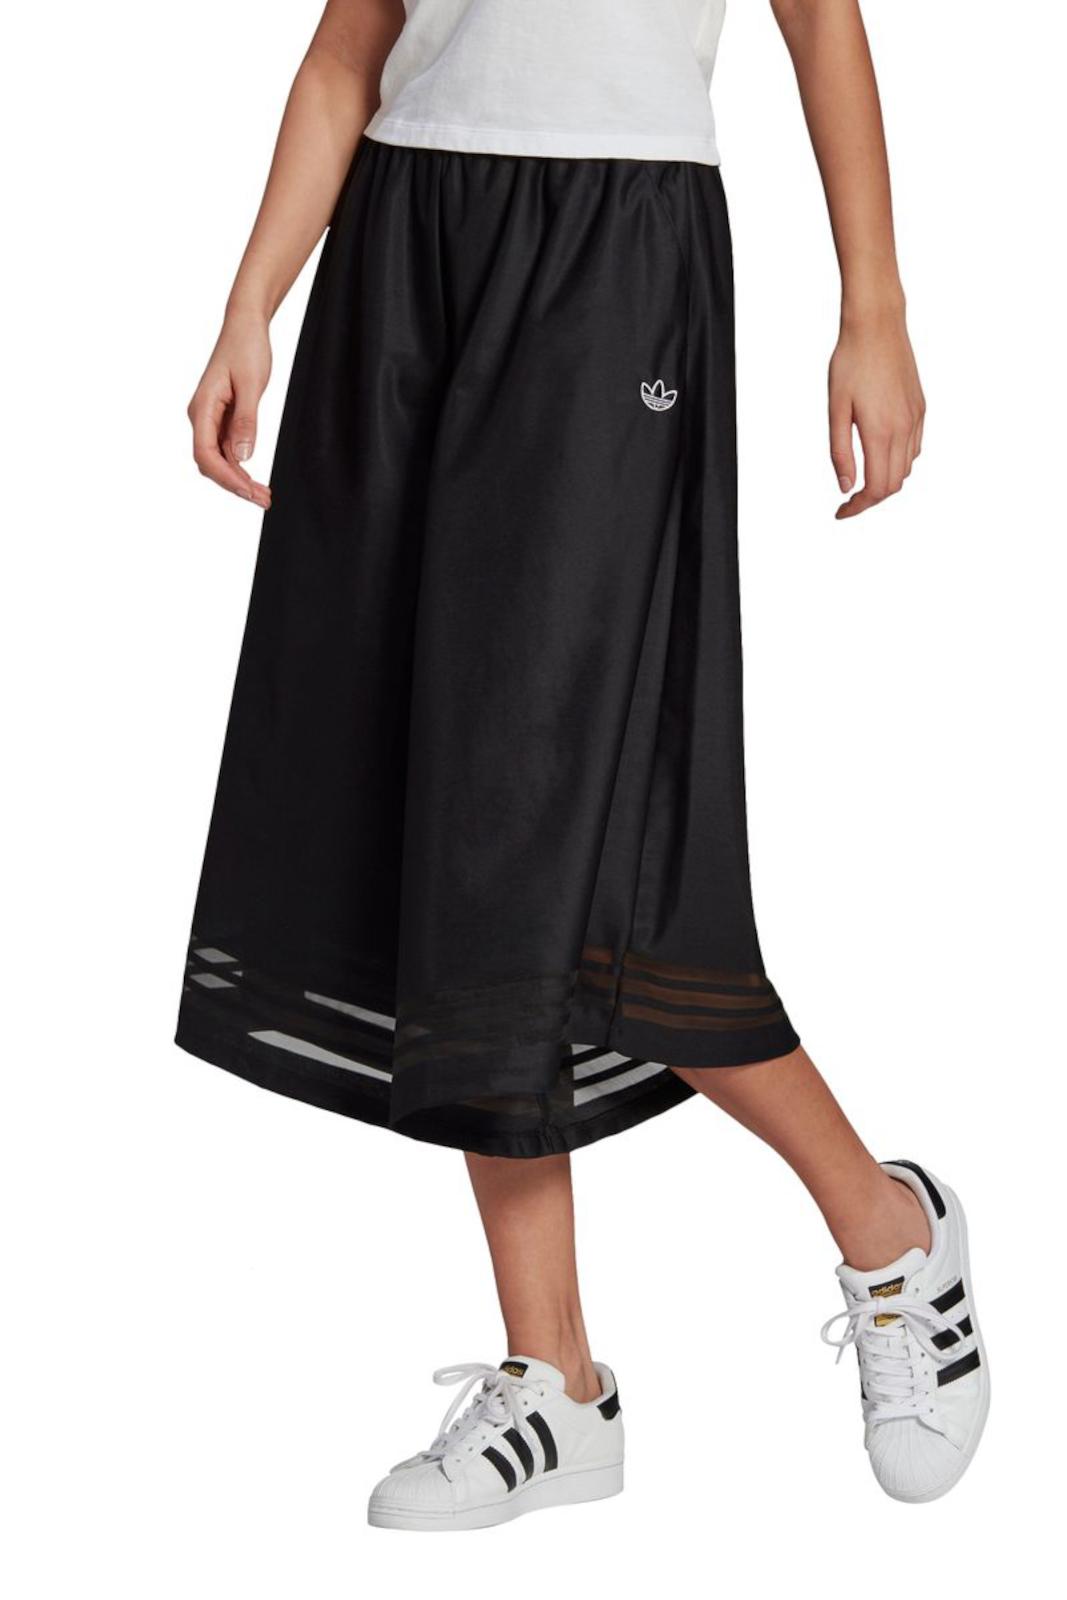 Un capo dal look casual e urban, quello proposto da Adidas, per la donna che ama innovare constantemente il proprio guardaroba. La gamba svasata regala libertà e freschezza, oltre che uno stile unico, le stripes con effetto trasparente sul fondo sono la ciliegina, per un pantalone sempre all'avanguardia.